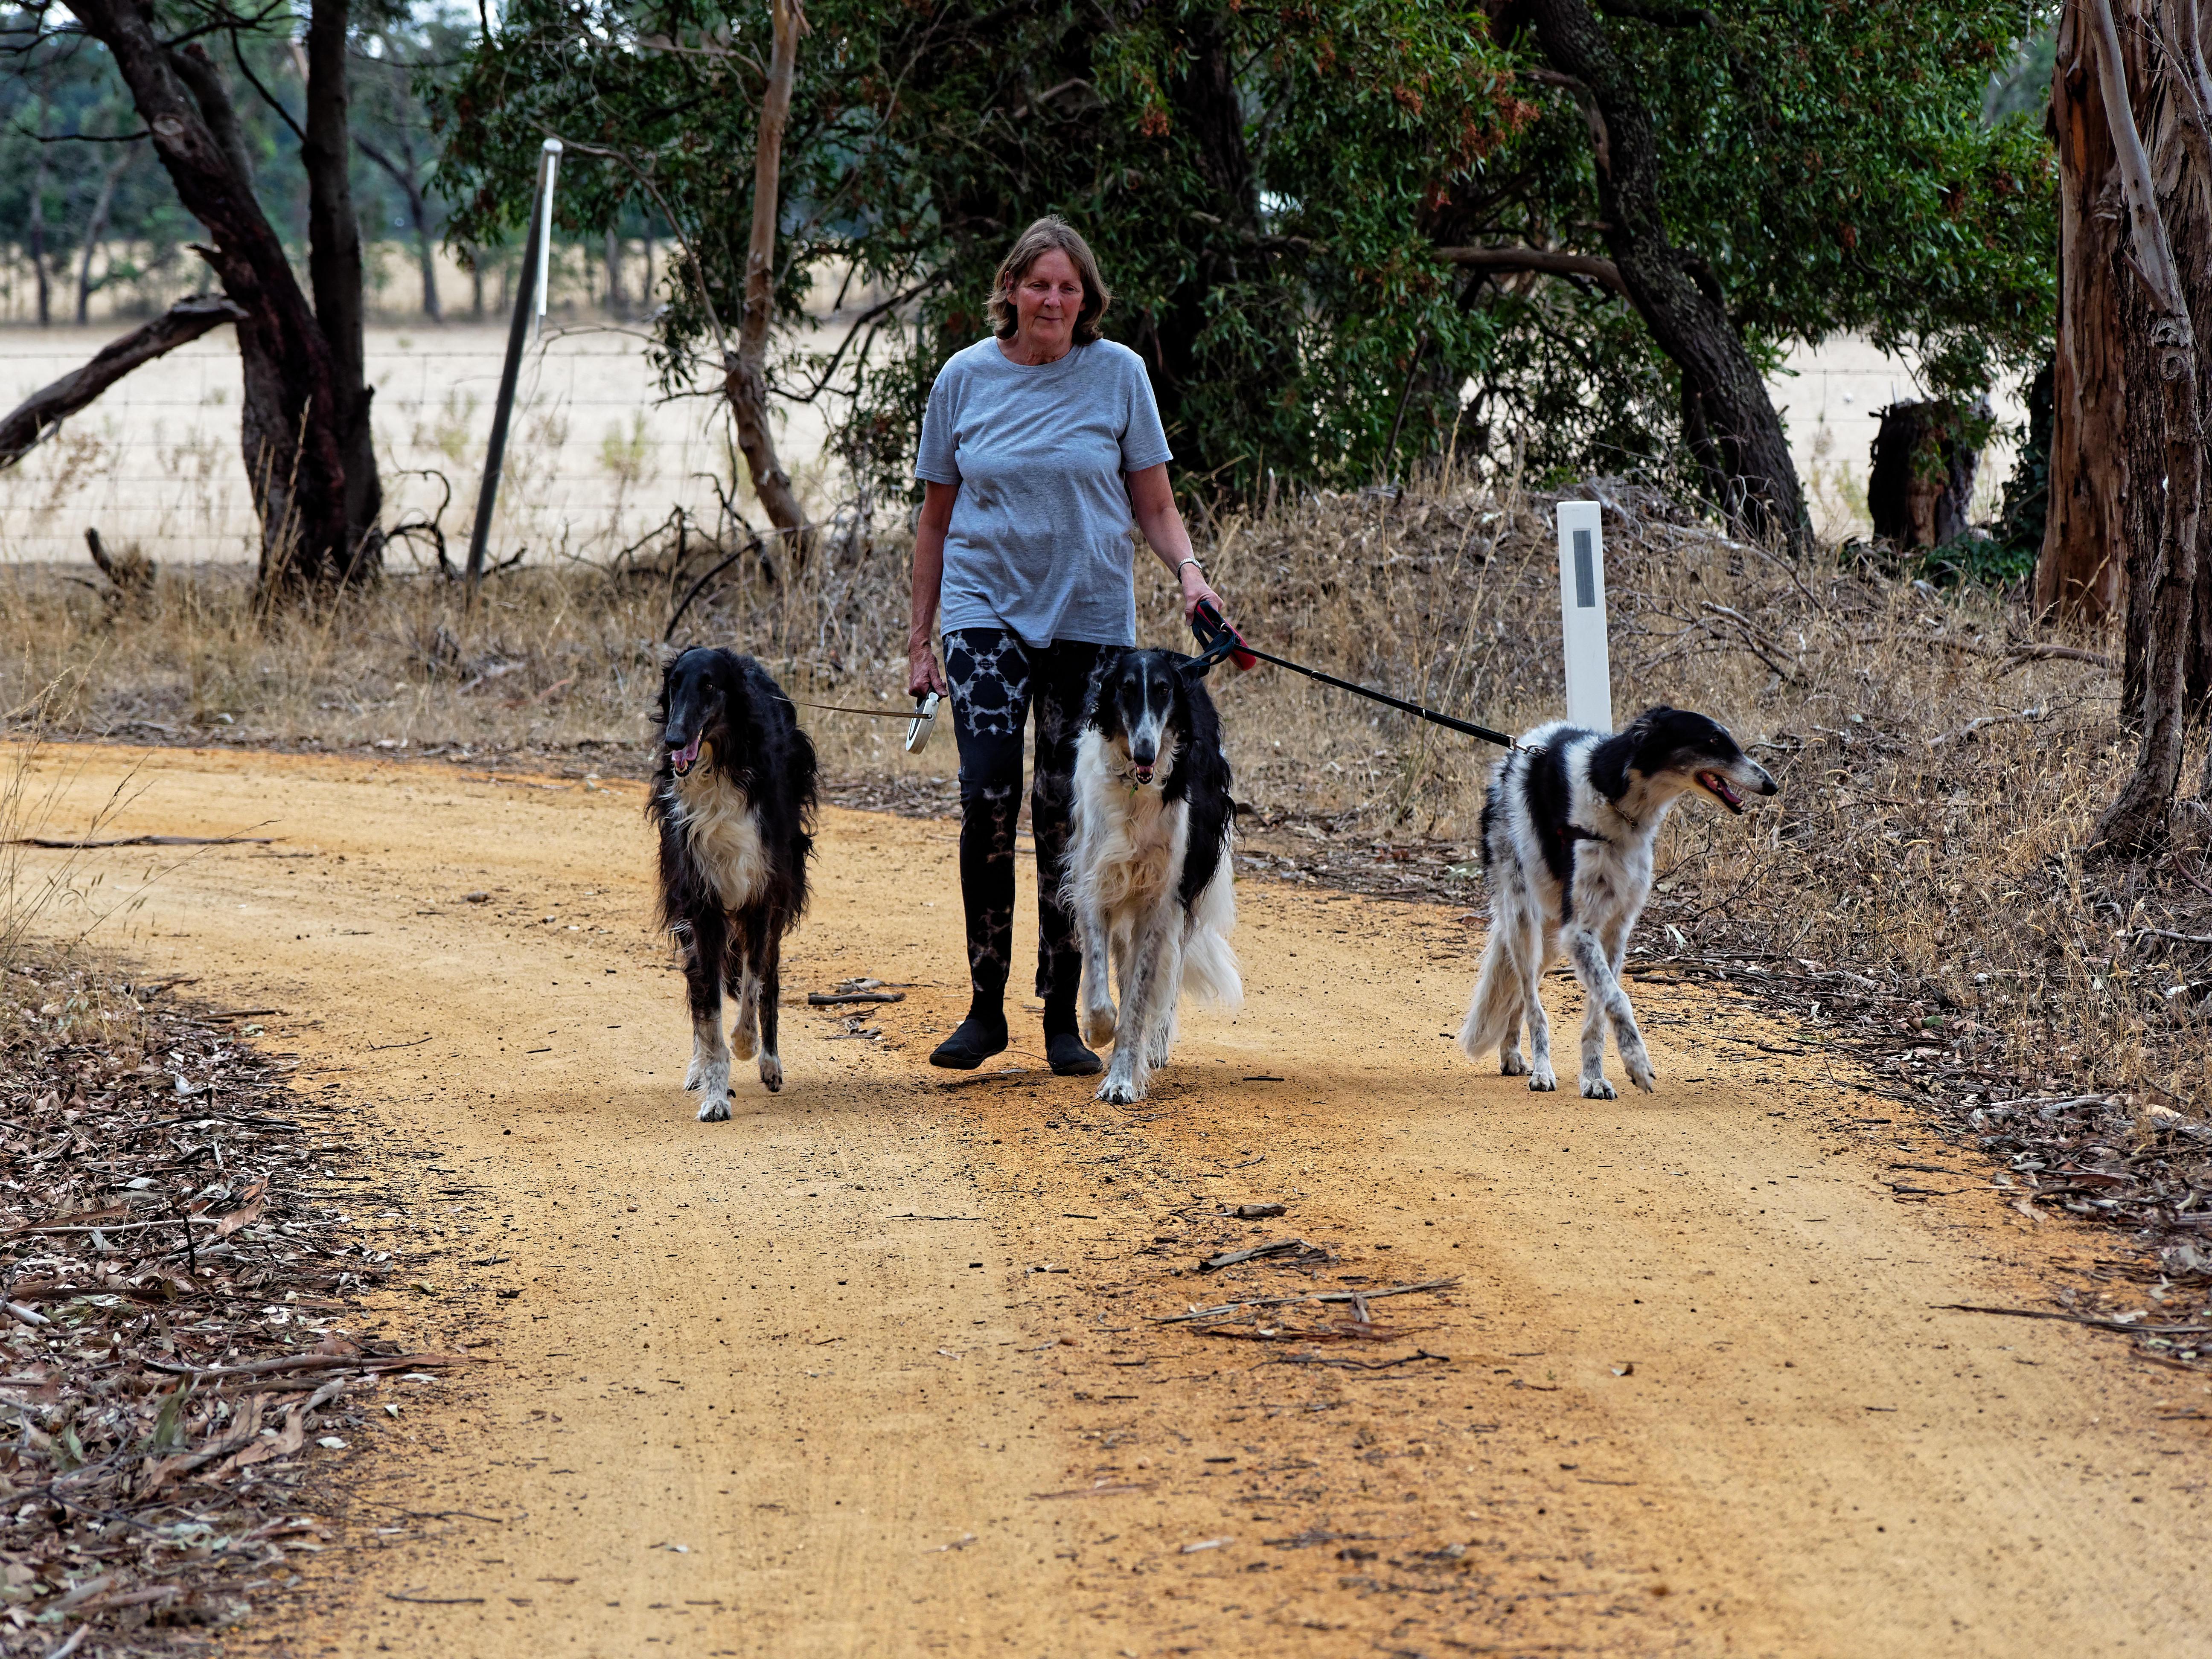 Walking-dogs-16.jpeg